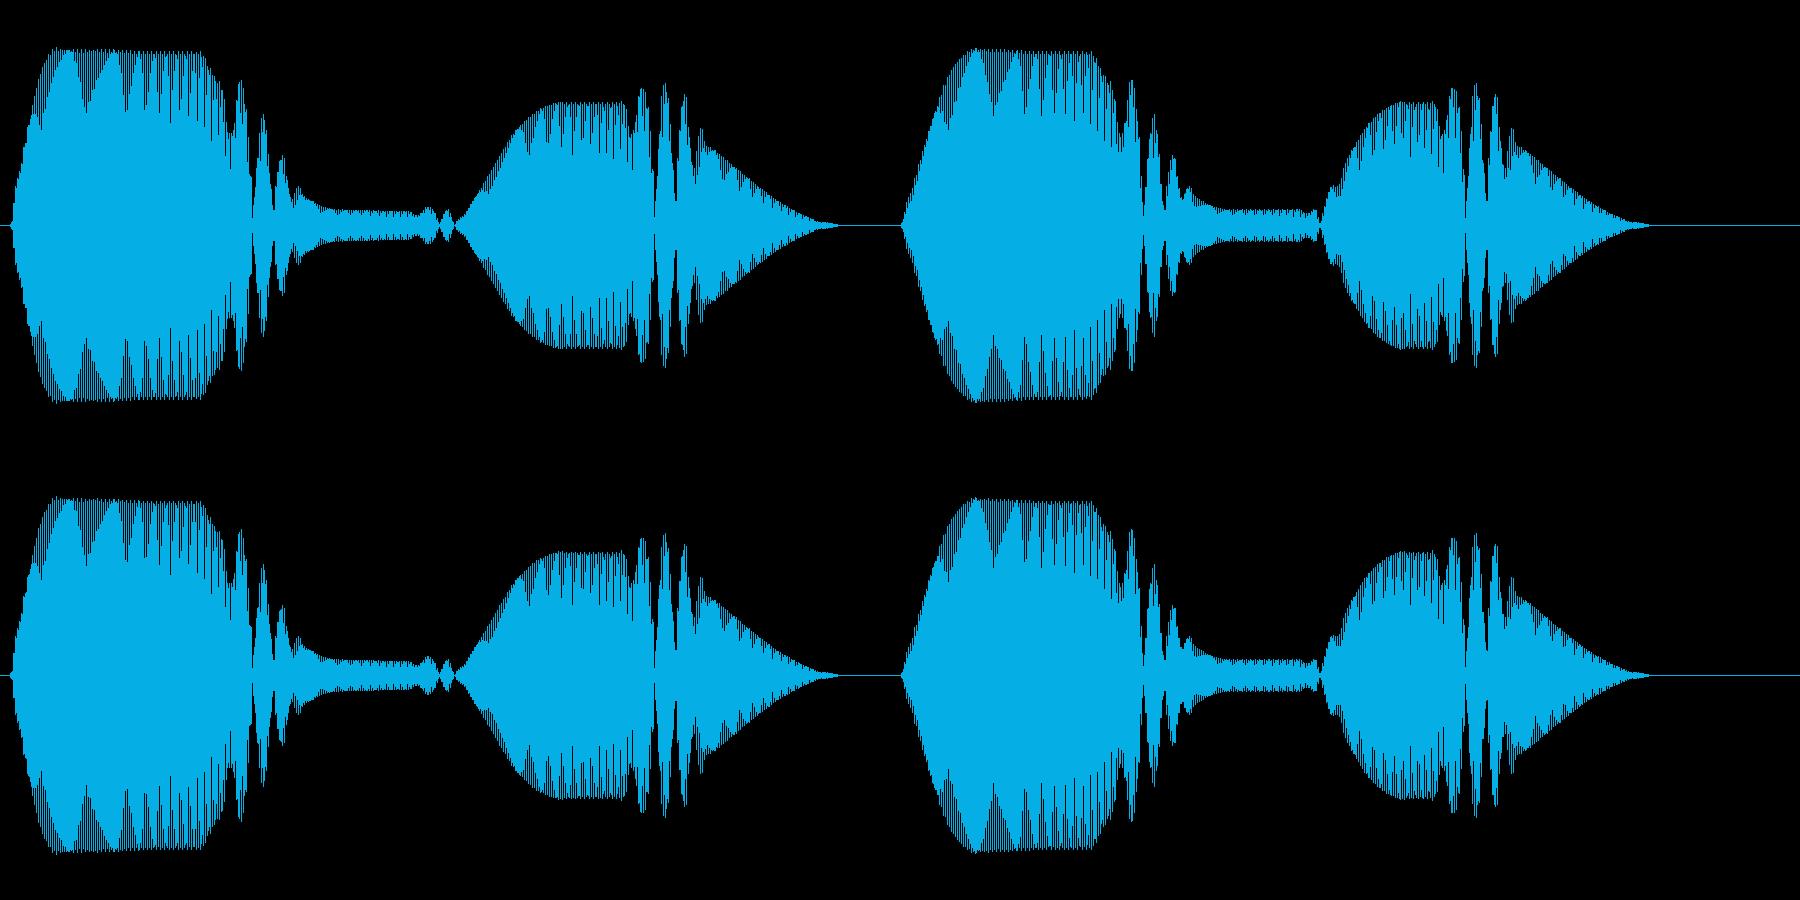 ふわふわ(終わりのない鈍い憂鬱の効果音)の再生済みの波形